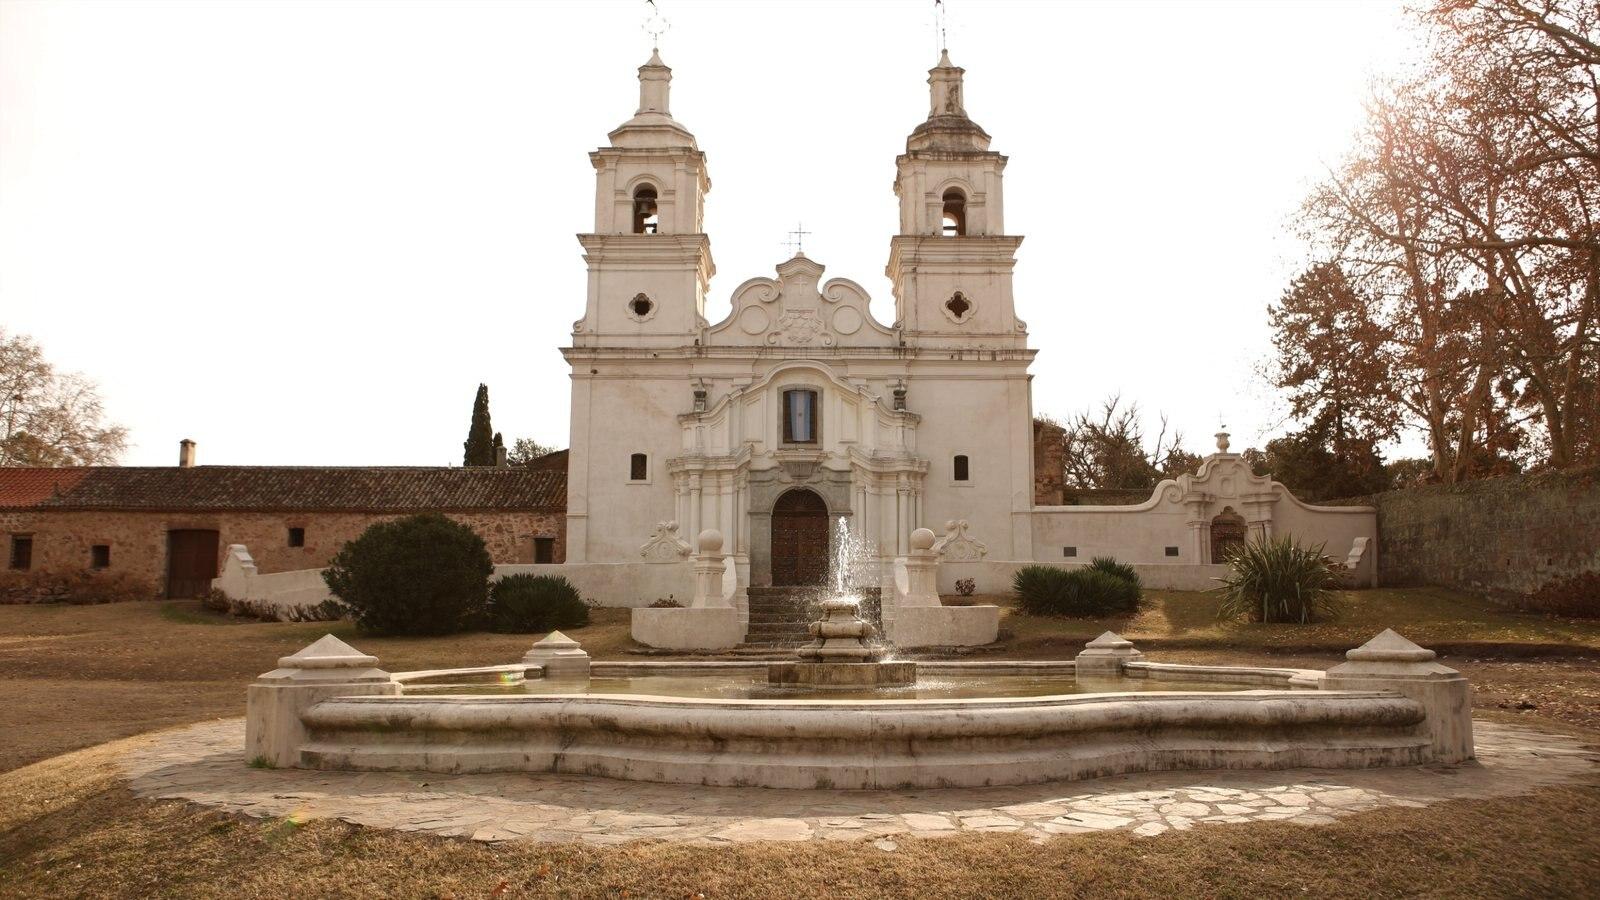 Cordoba que inclui uma igreja ou catedral e elementos religiosos